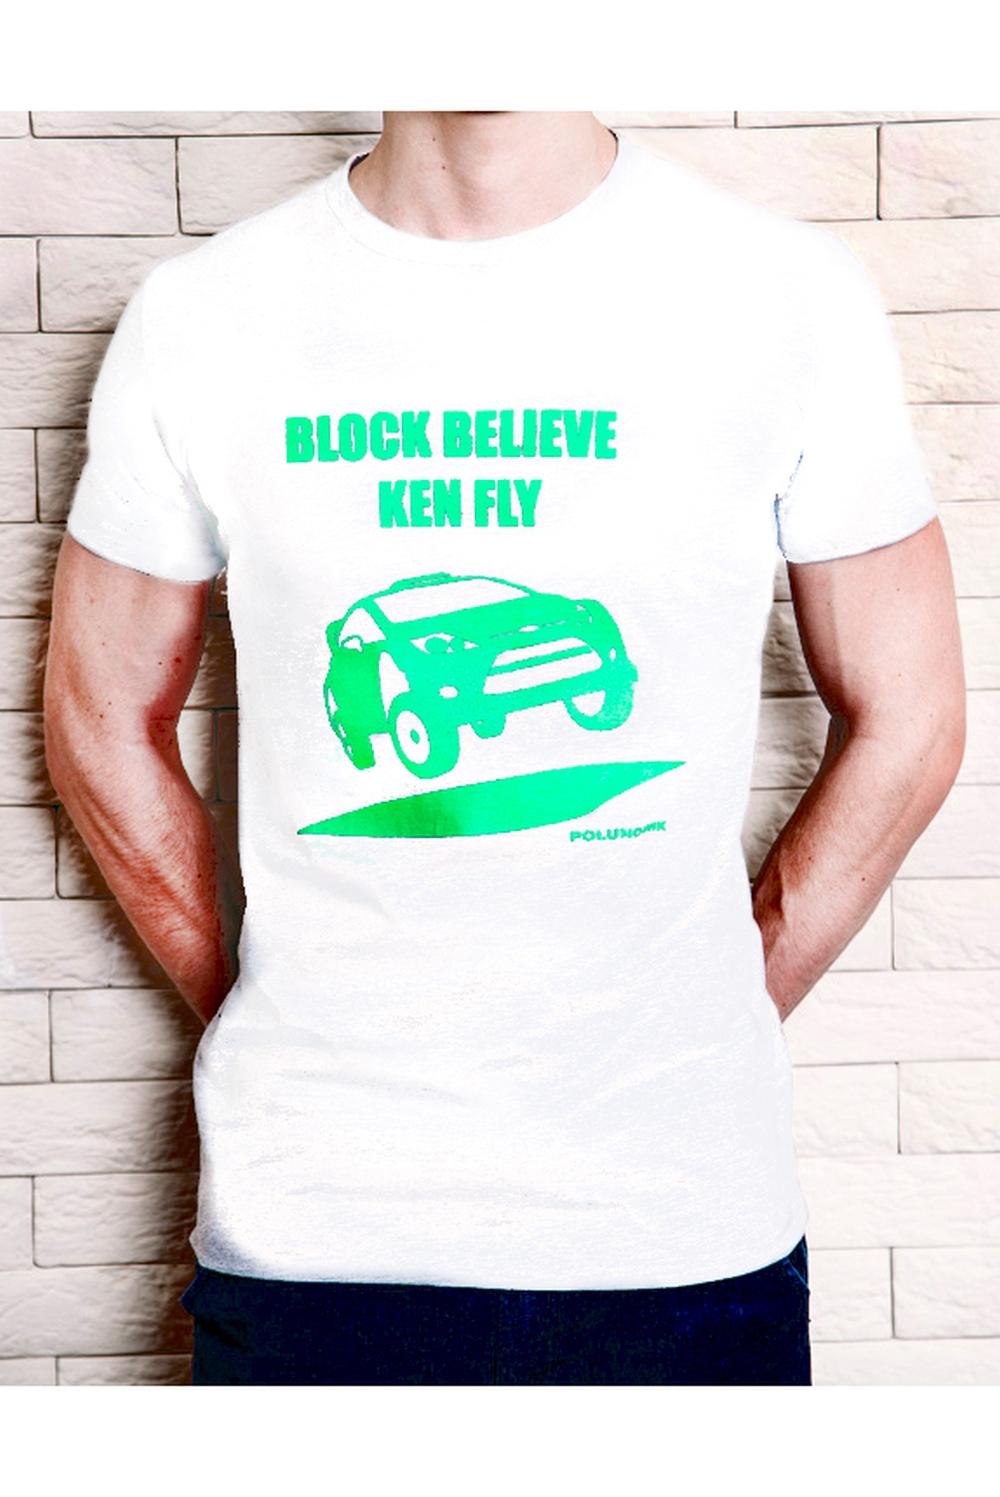 ФутболкаФутболки<br>Универсальная мужская футболка с ярким принтом. Модель выполнена из натурального хлопка. Отличный выбор для повседневного гардероба.  В изделии использованы цвета: белый, зеленый  Ростовка изделия 170-176 см<br><br>По сезону: Всесезон<br>Размер : 52<br>Материал: Хлопок<br>Количество в наличии: 1